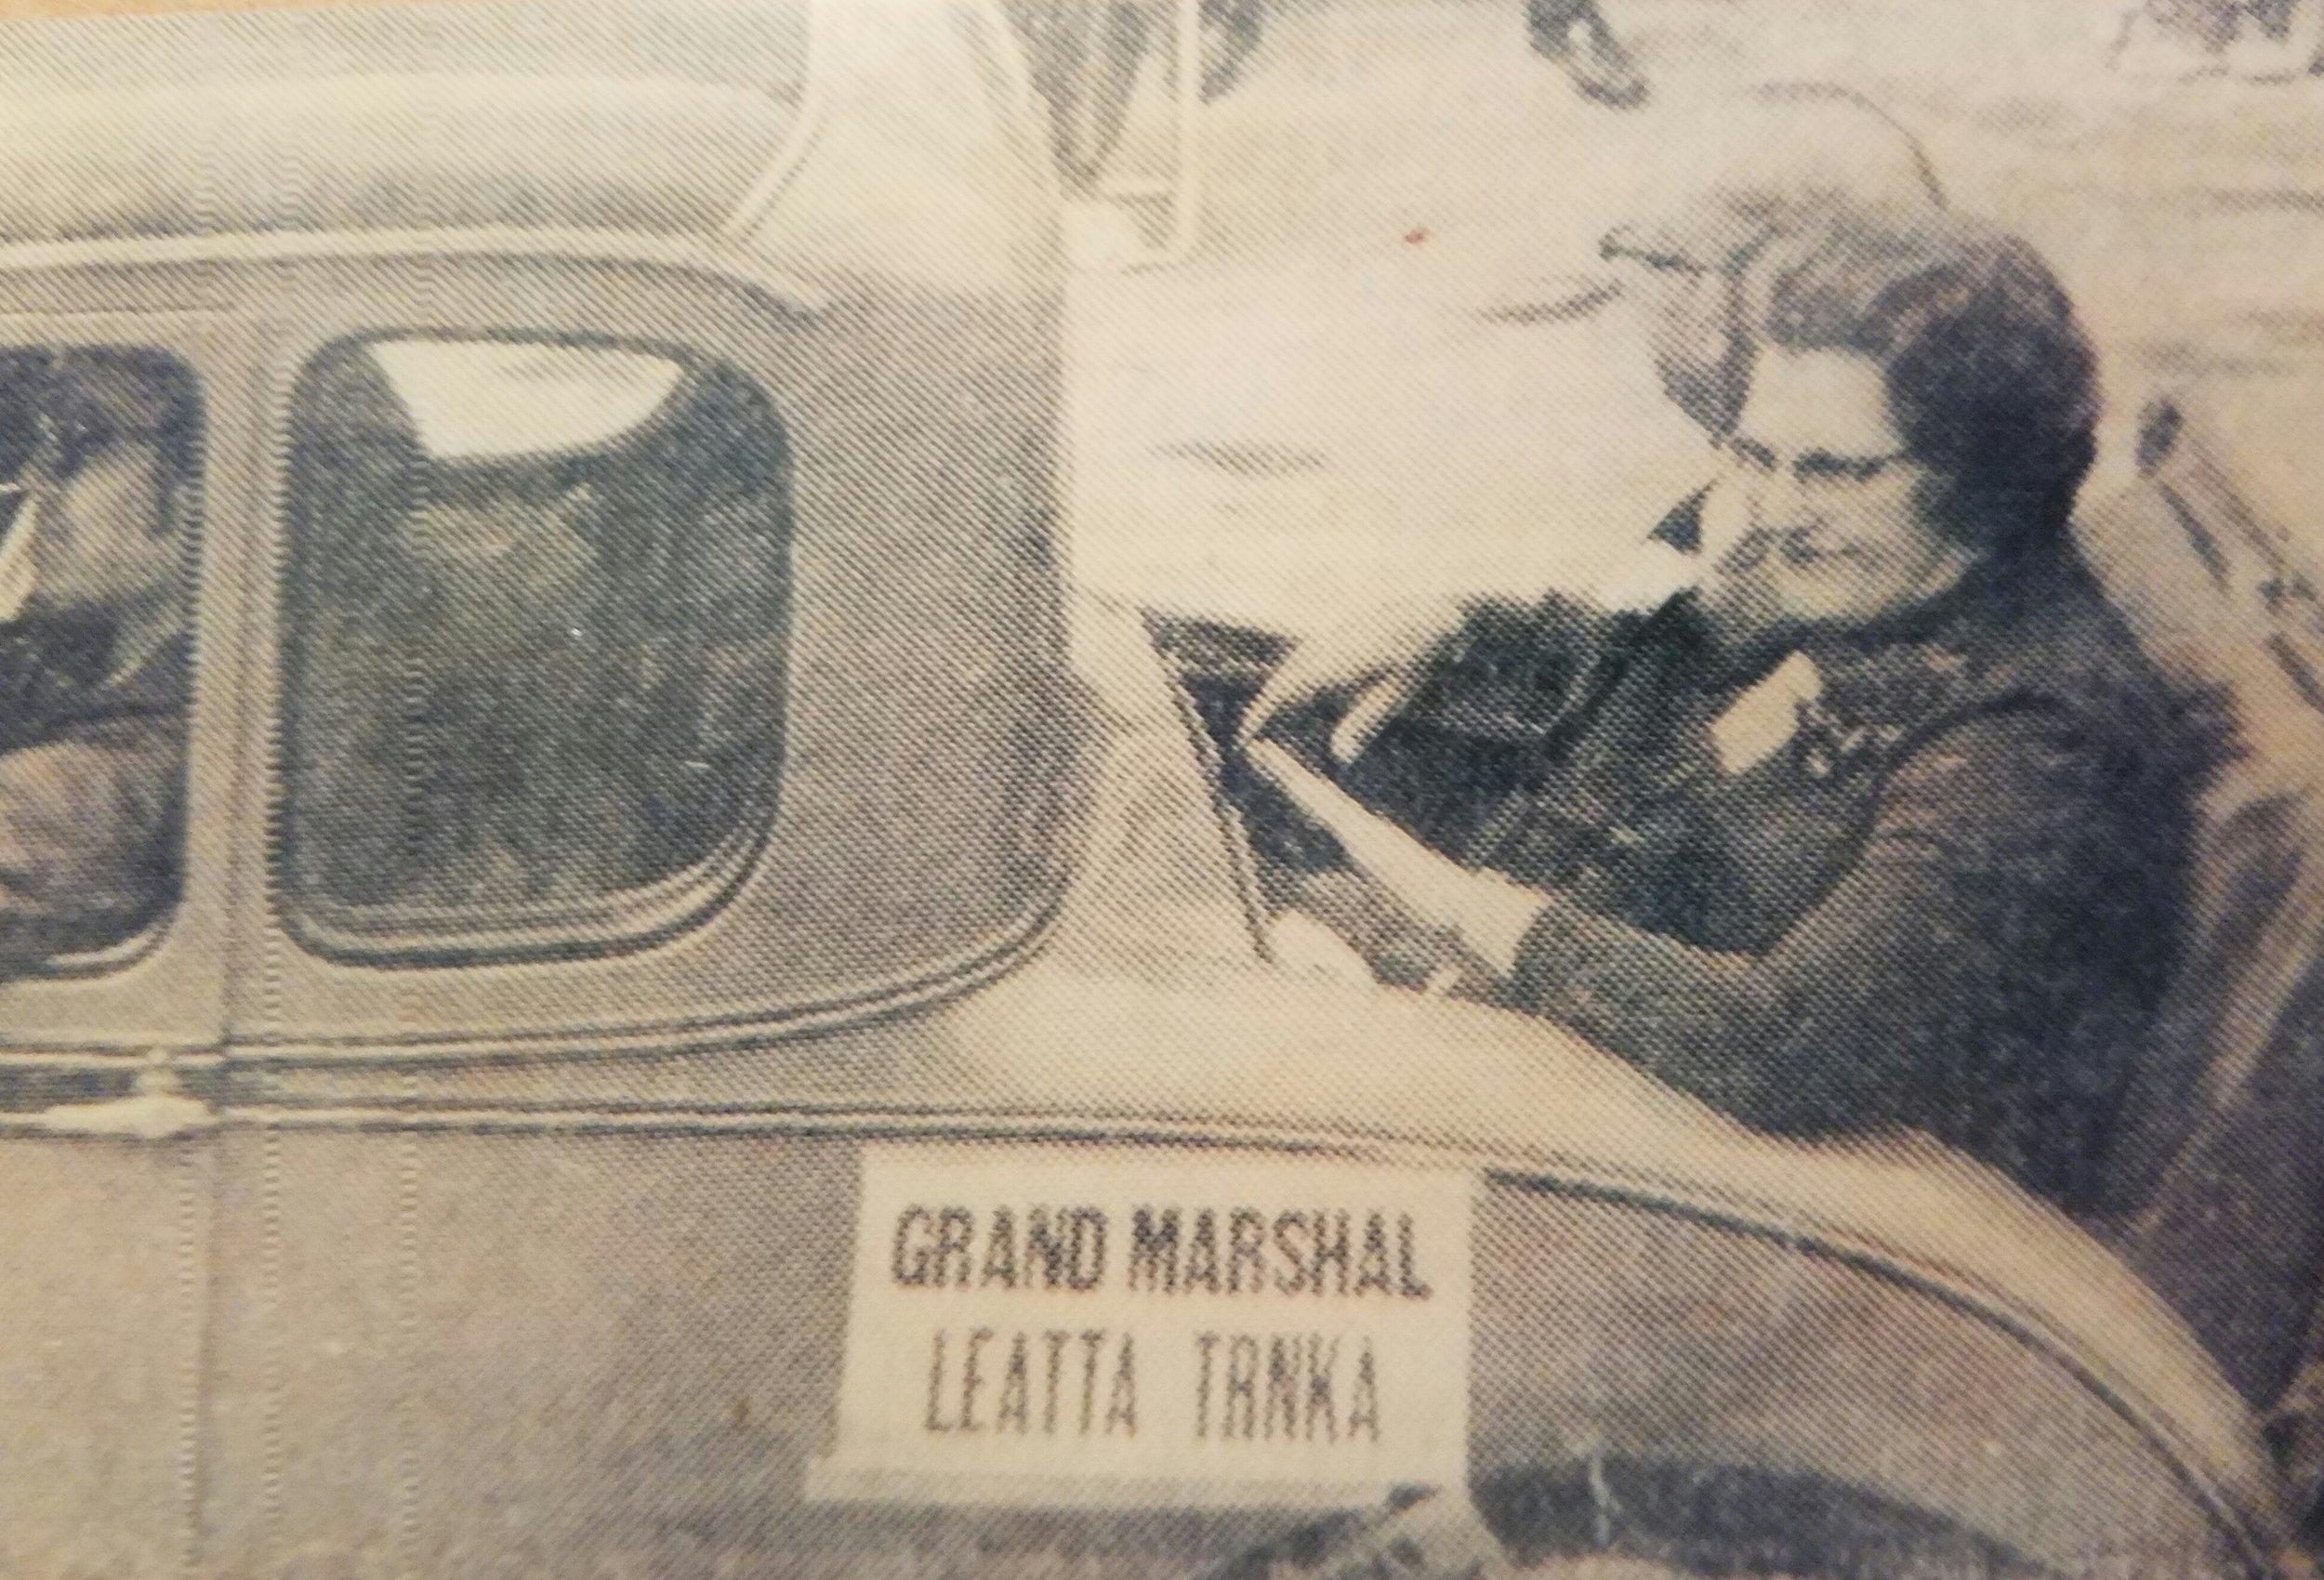 1974 - Mrs. Joe (Leatta) Trnka